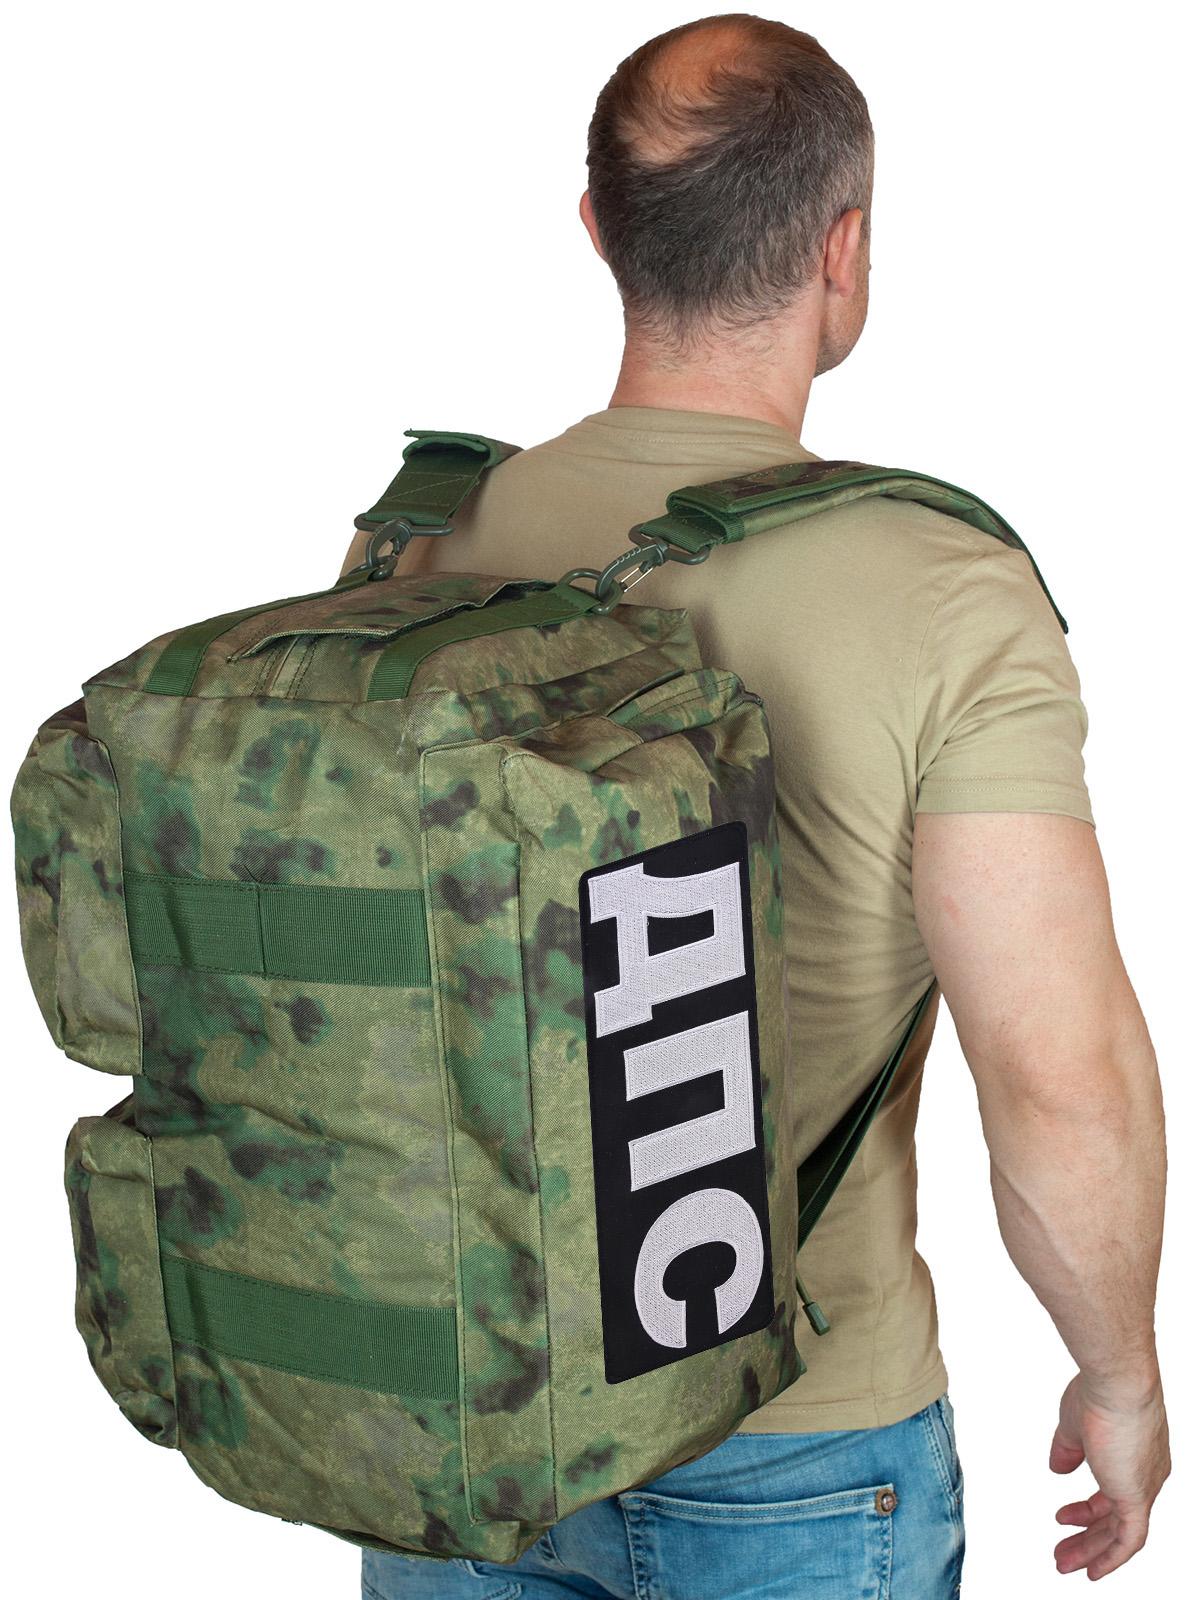 Купить заплечную камуфляжную сумку-баул ДПС по лучшей цене онлайн